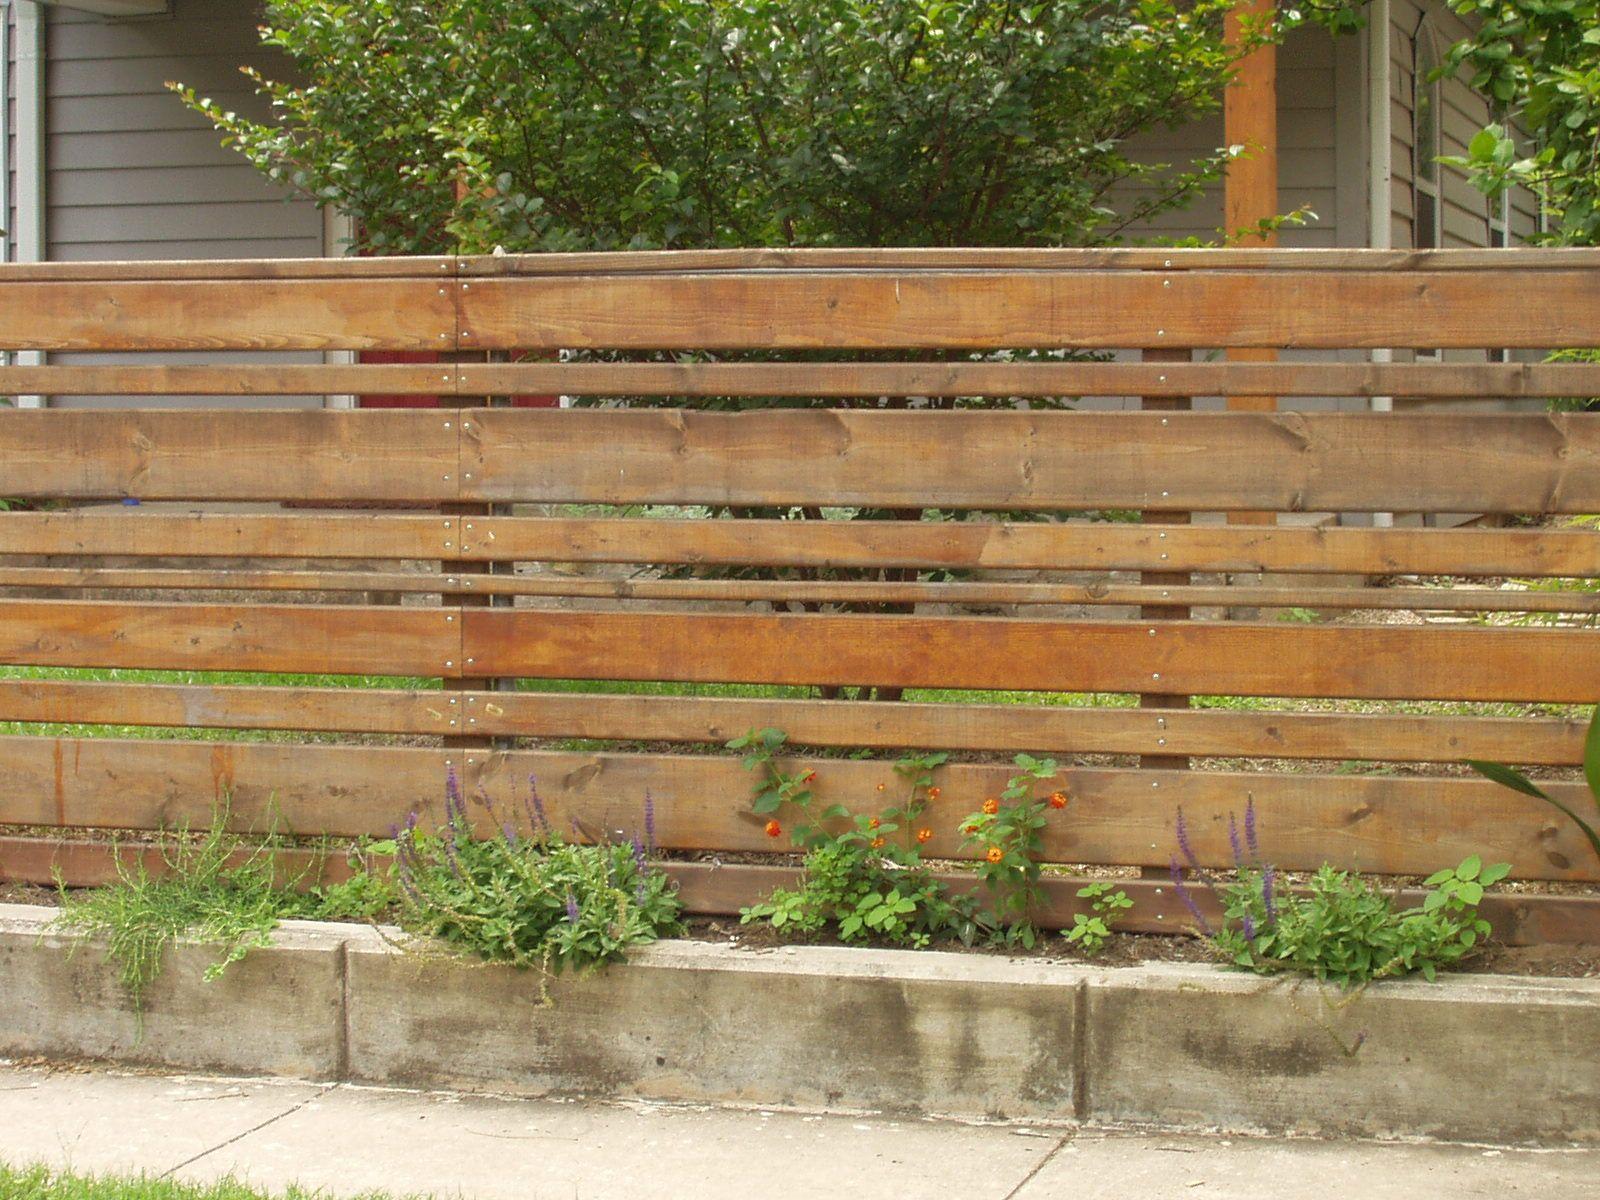 Horizontal wood slat fence with concrete base totally different horizontal wood slat fence with concrete base totally different feel than the traditional picket fence baanklon Images